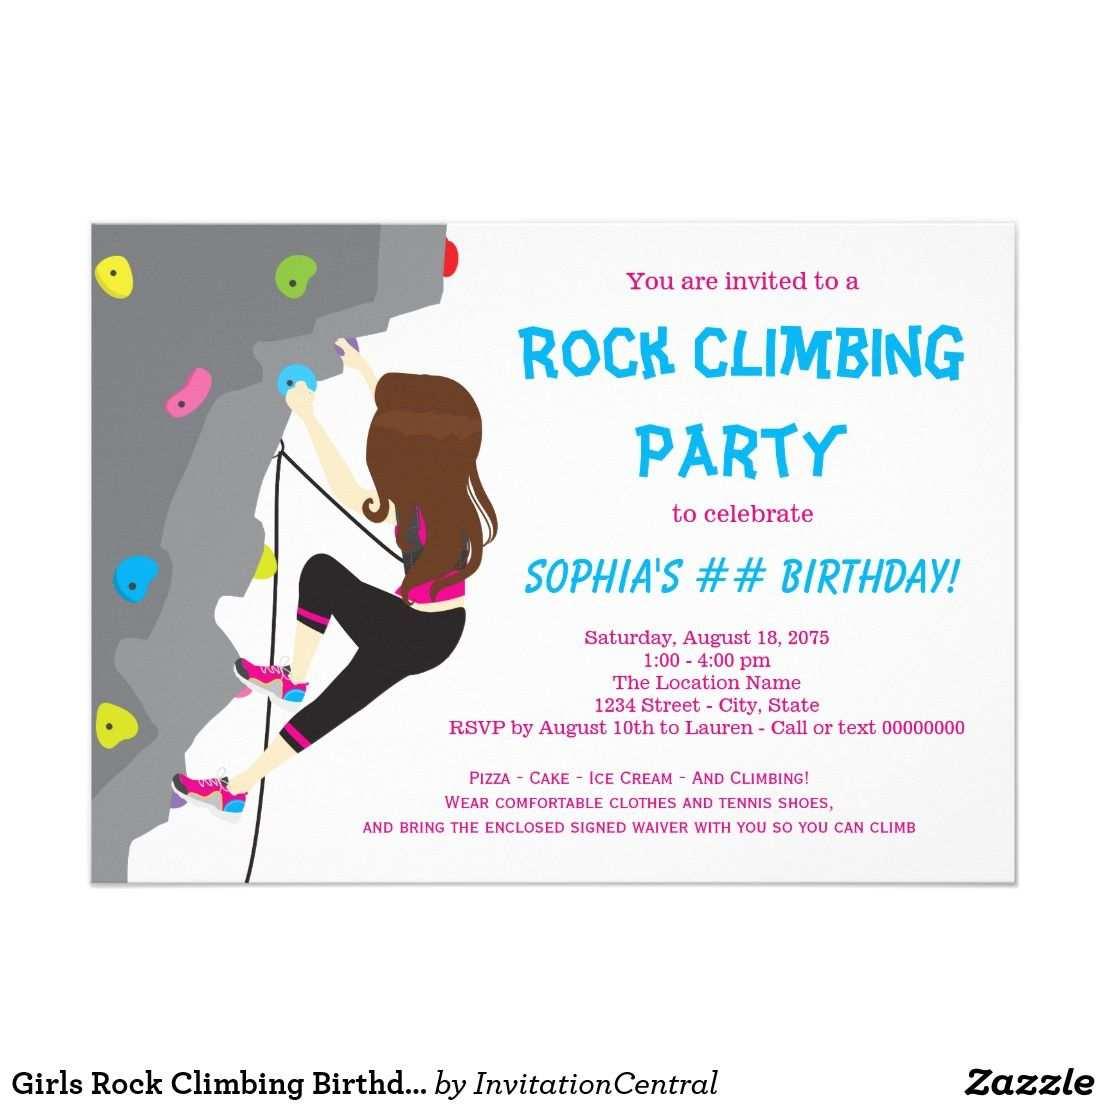 Madchen Felsen Kletterngeburtstags Party Einladung Zazzle De